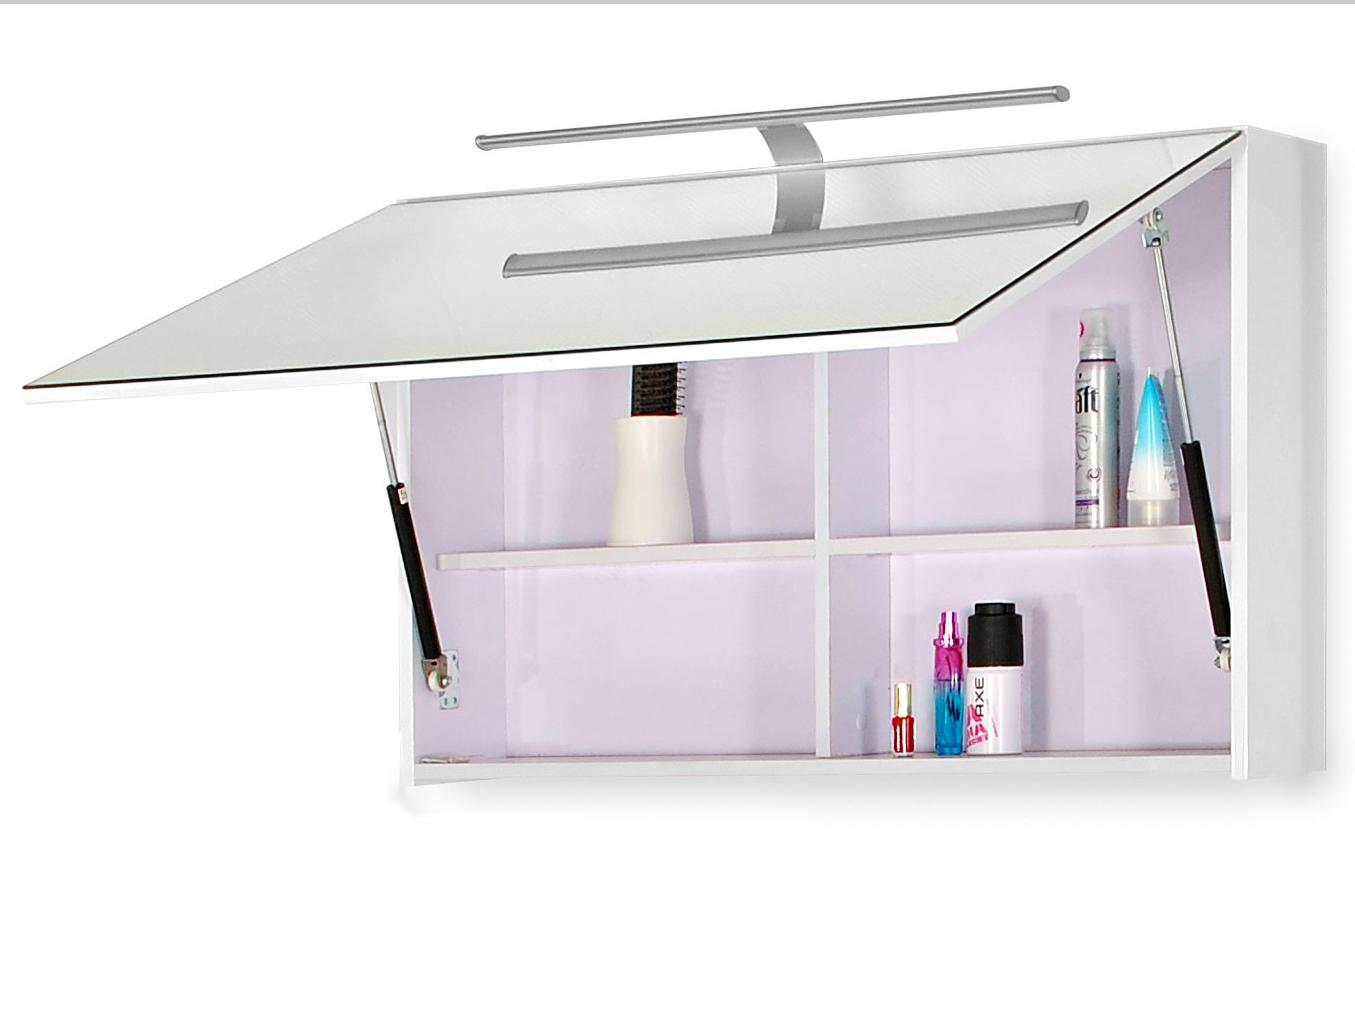 sam 5tlg badezimmer set hochglanz wei 70 cm genf deluxe xl auf lager. Black Bedroom Furniture Sets. Home Design Ideas